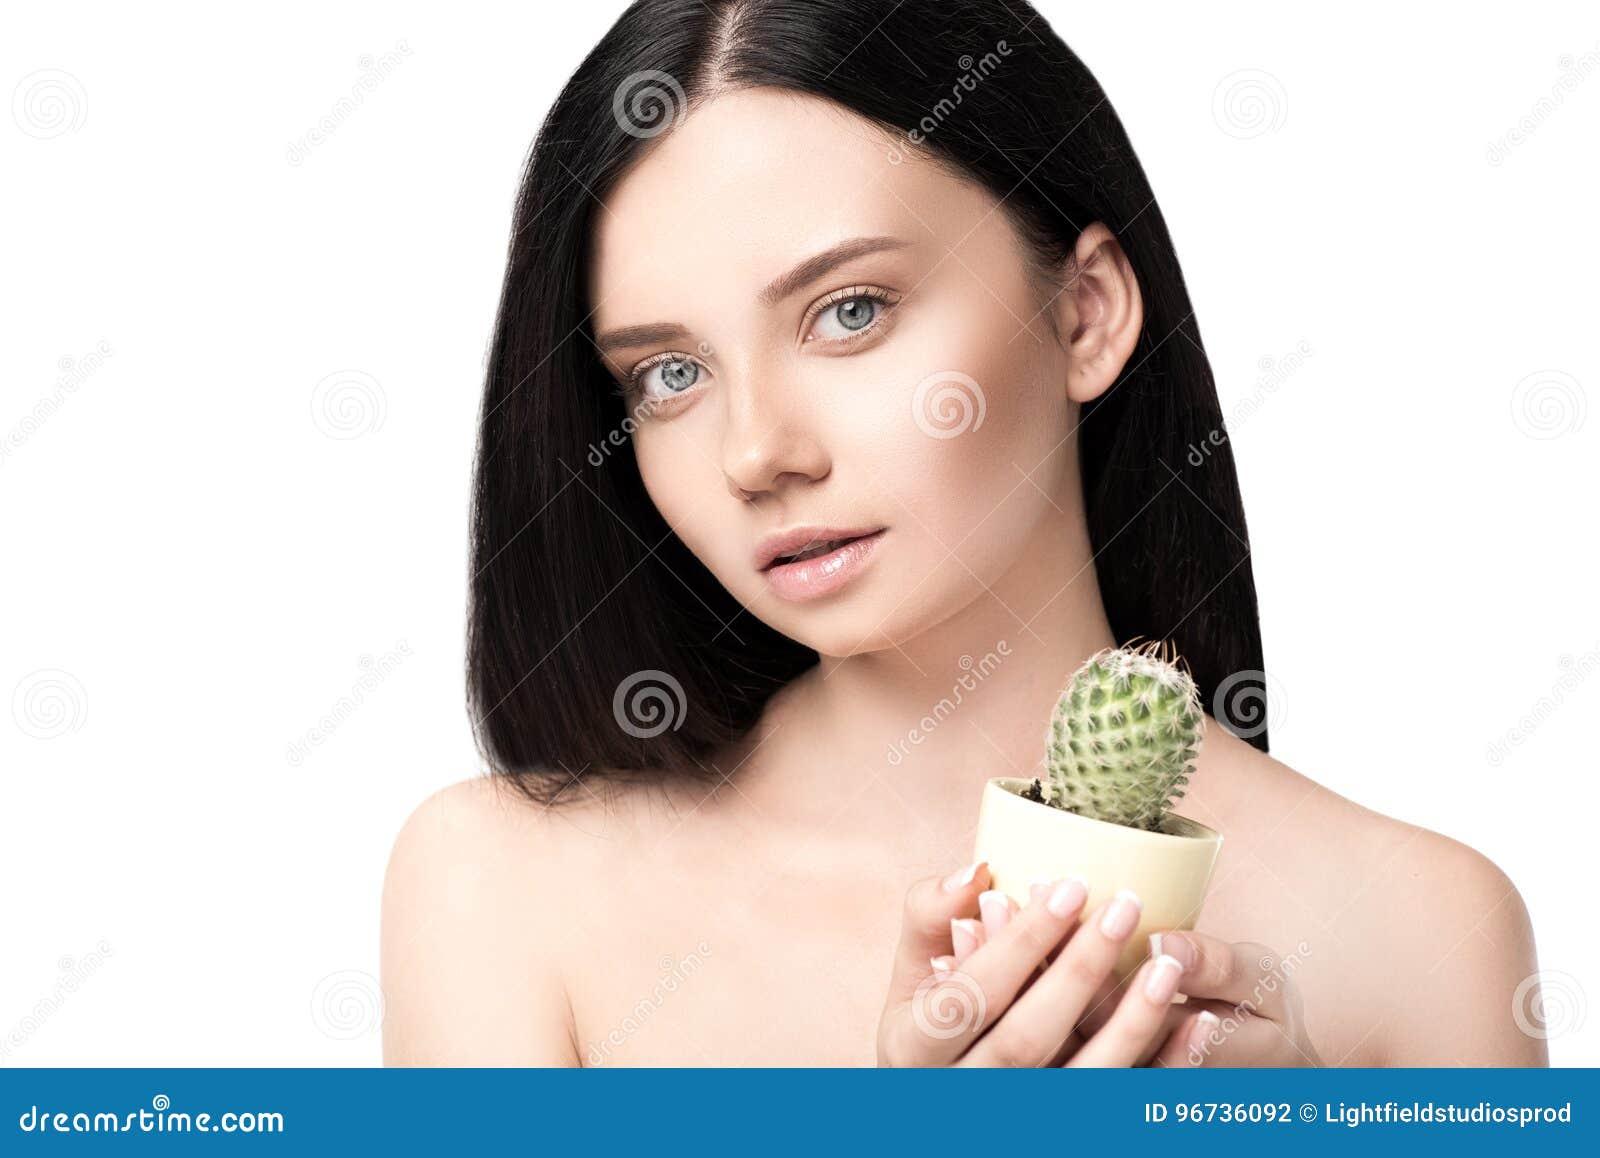 nacktes-maedchen-kaktus